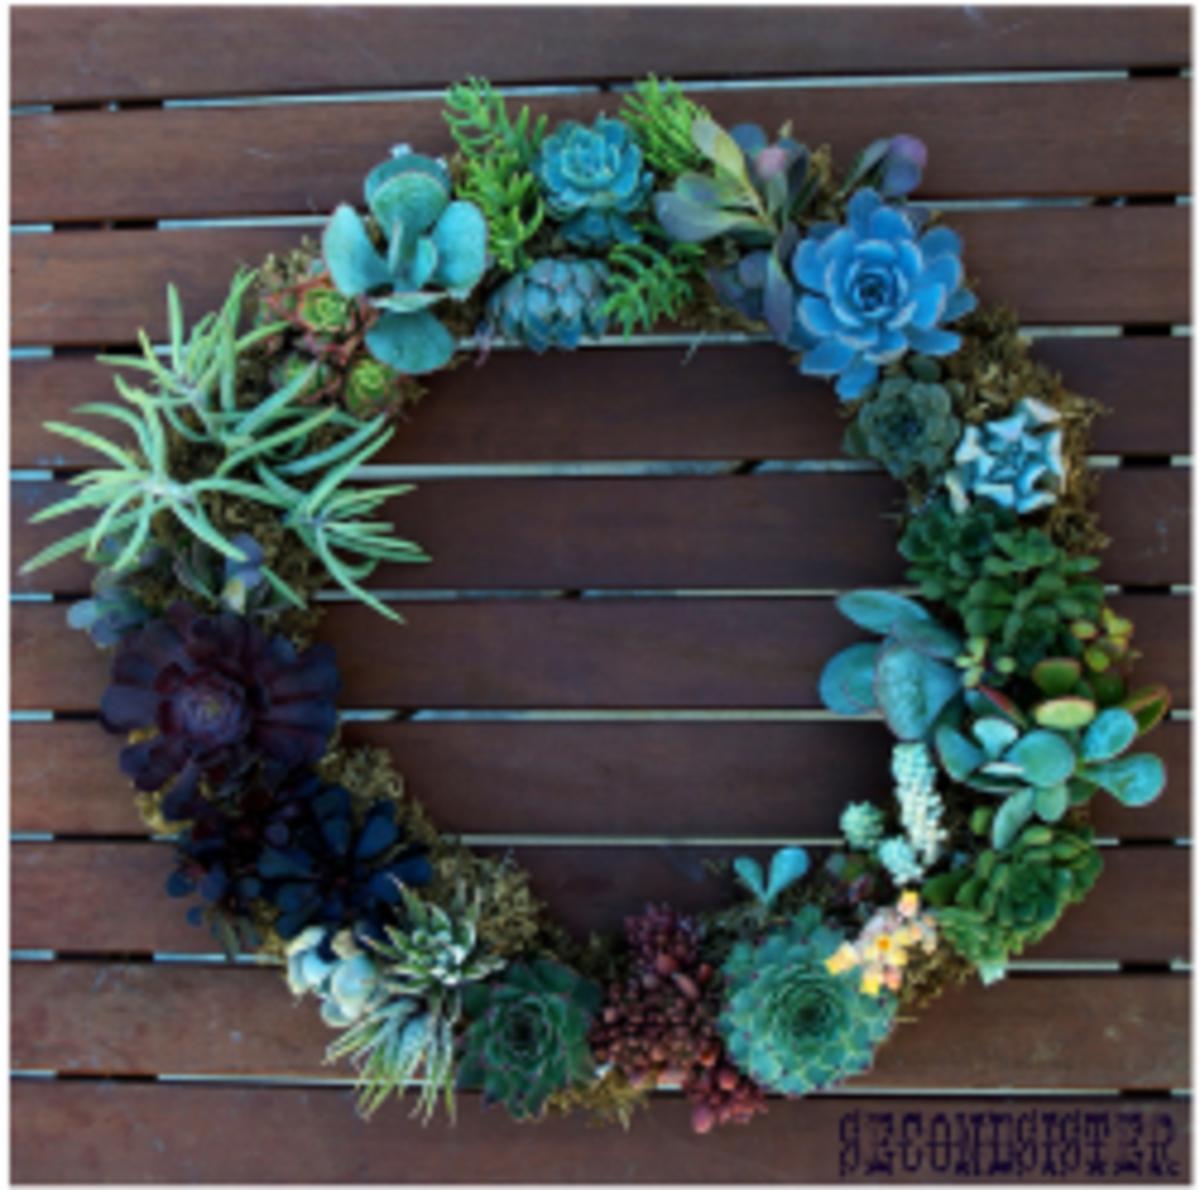 DIY metal sellado jardinería jardín marcadores - puedo hacer metal estampado joyas